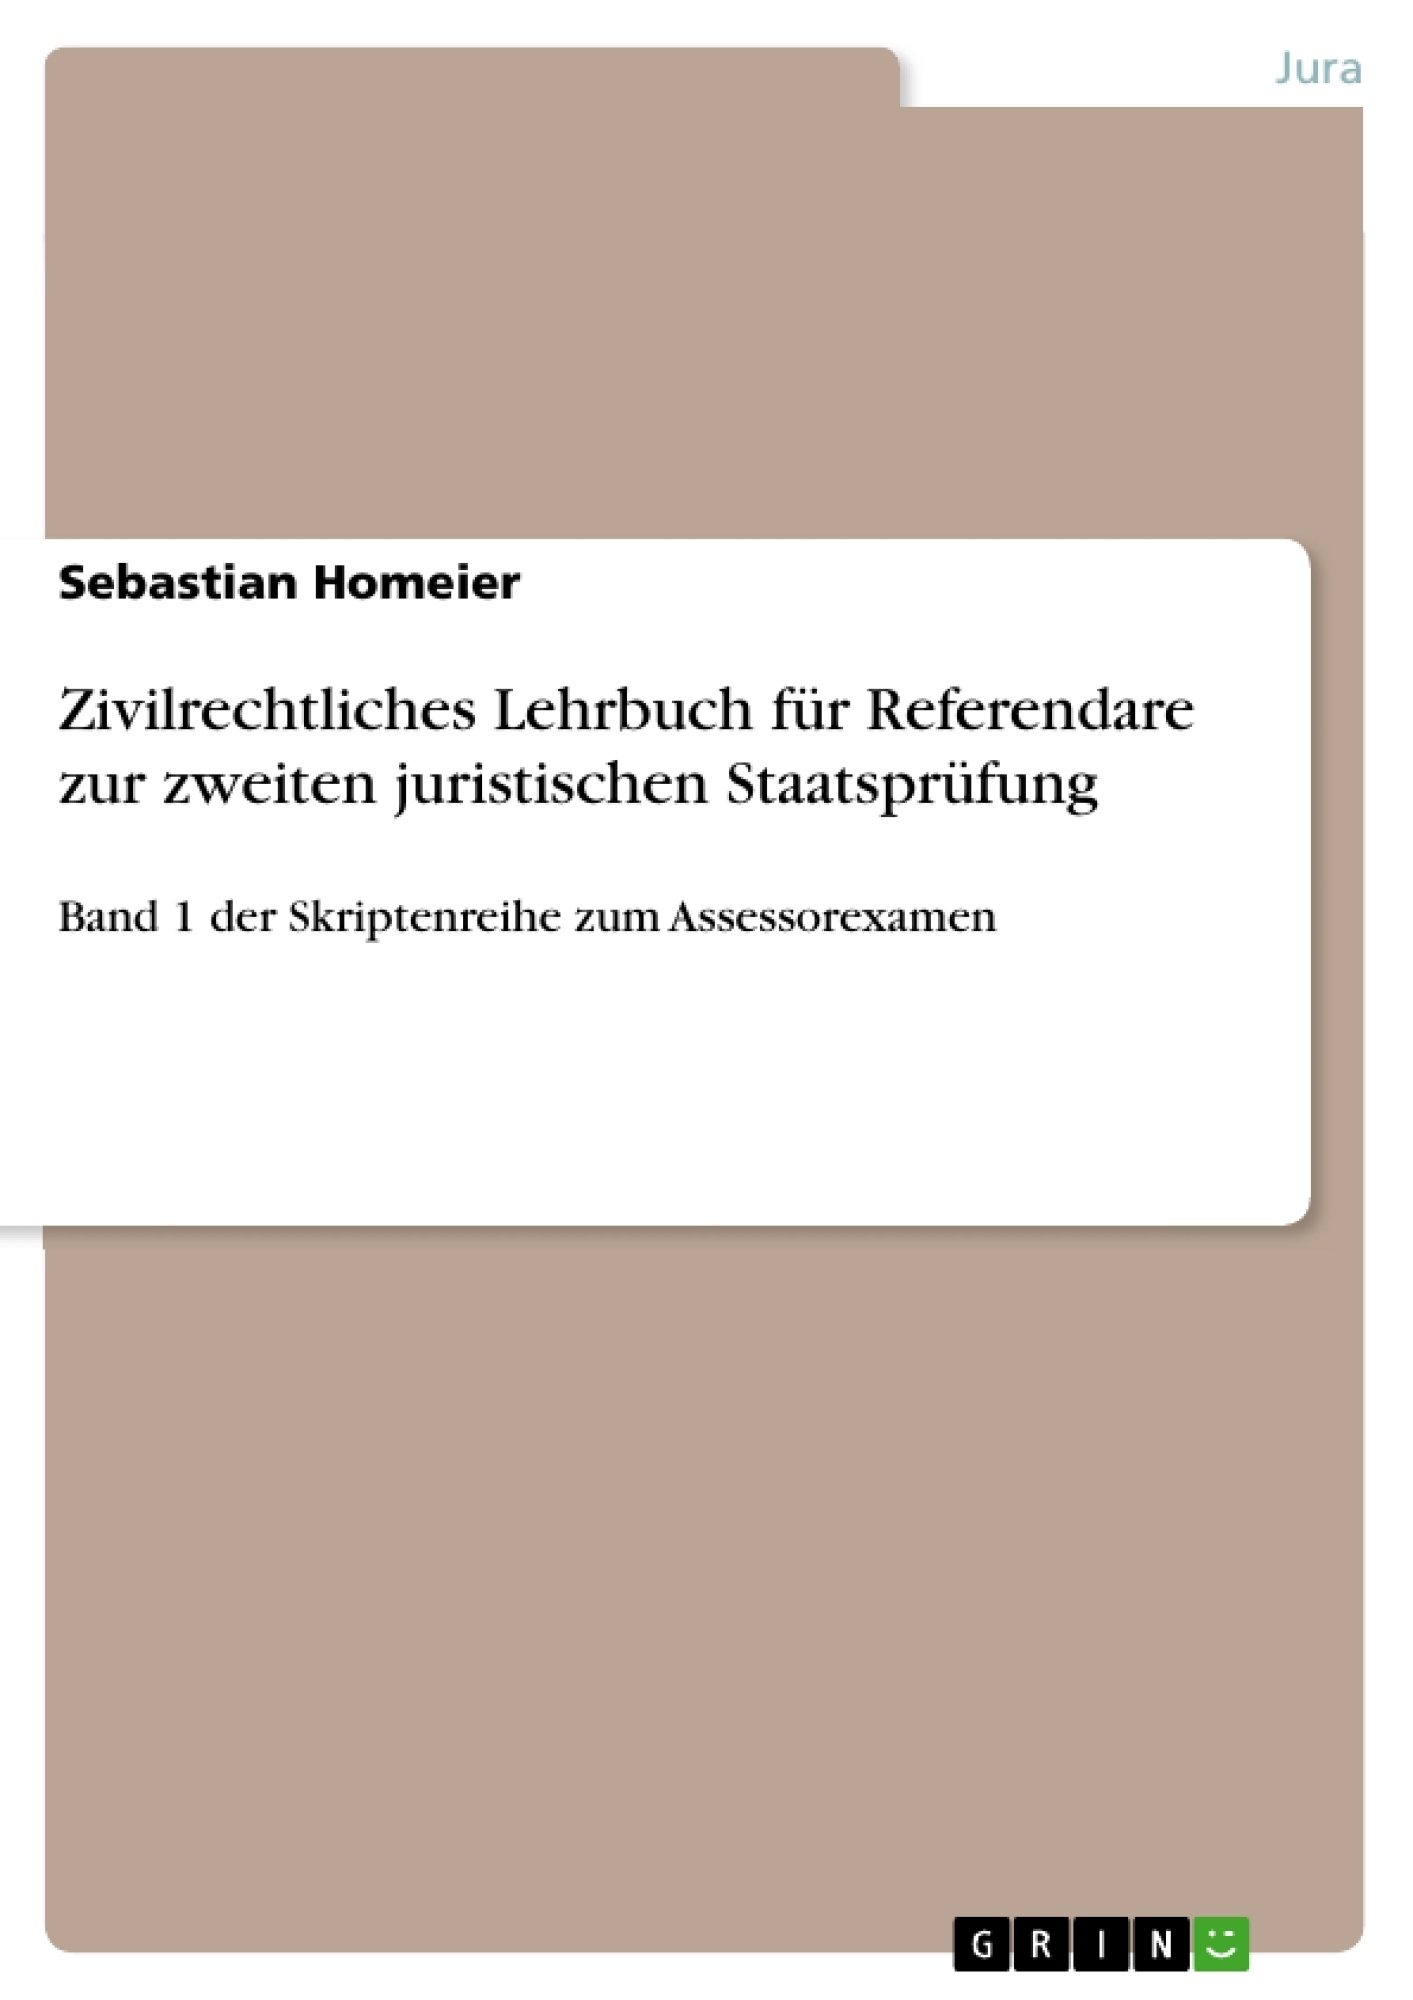 Titel: Zivilrechtliches Lehrbuch für Referendare zur zweiten juristischen Staatsprüfung